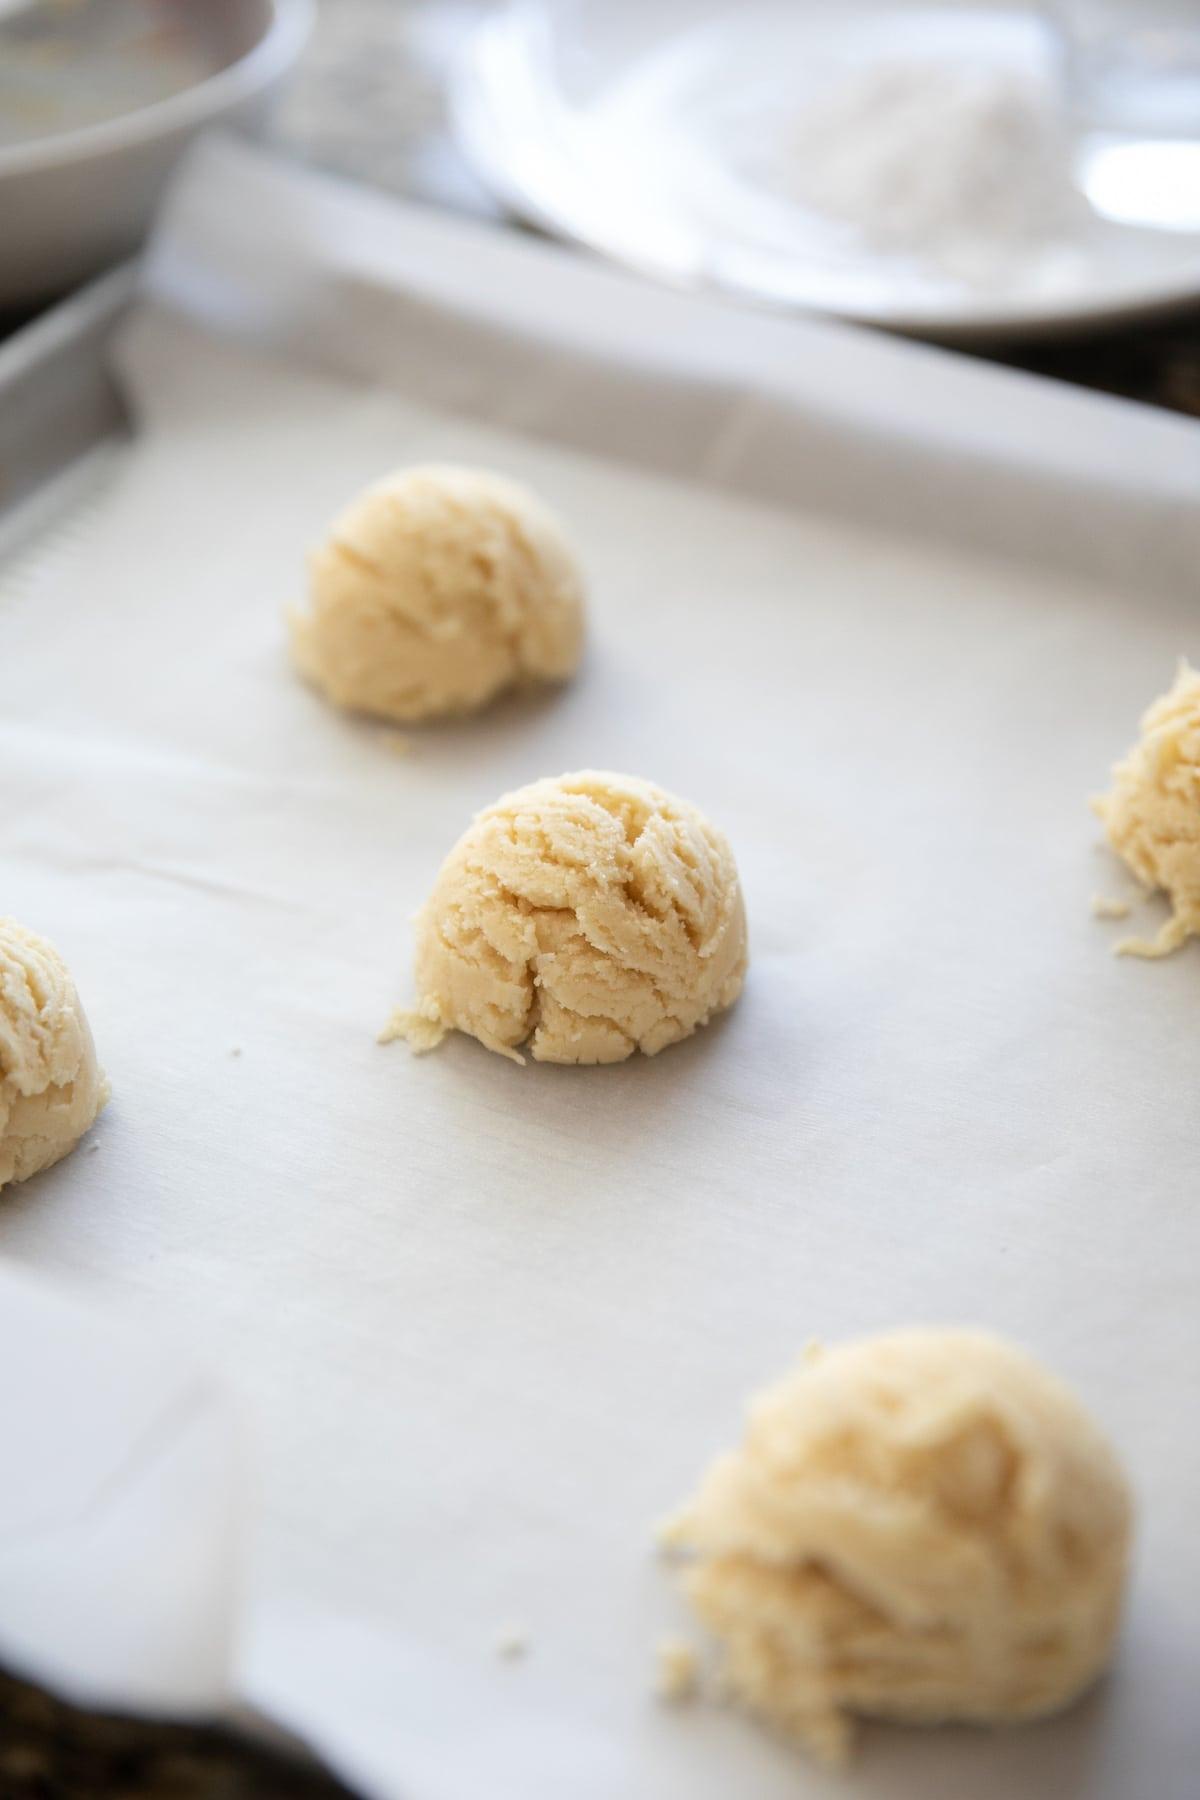 swig sugar cookie dough balls on baking sheet